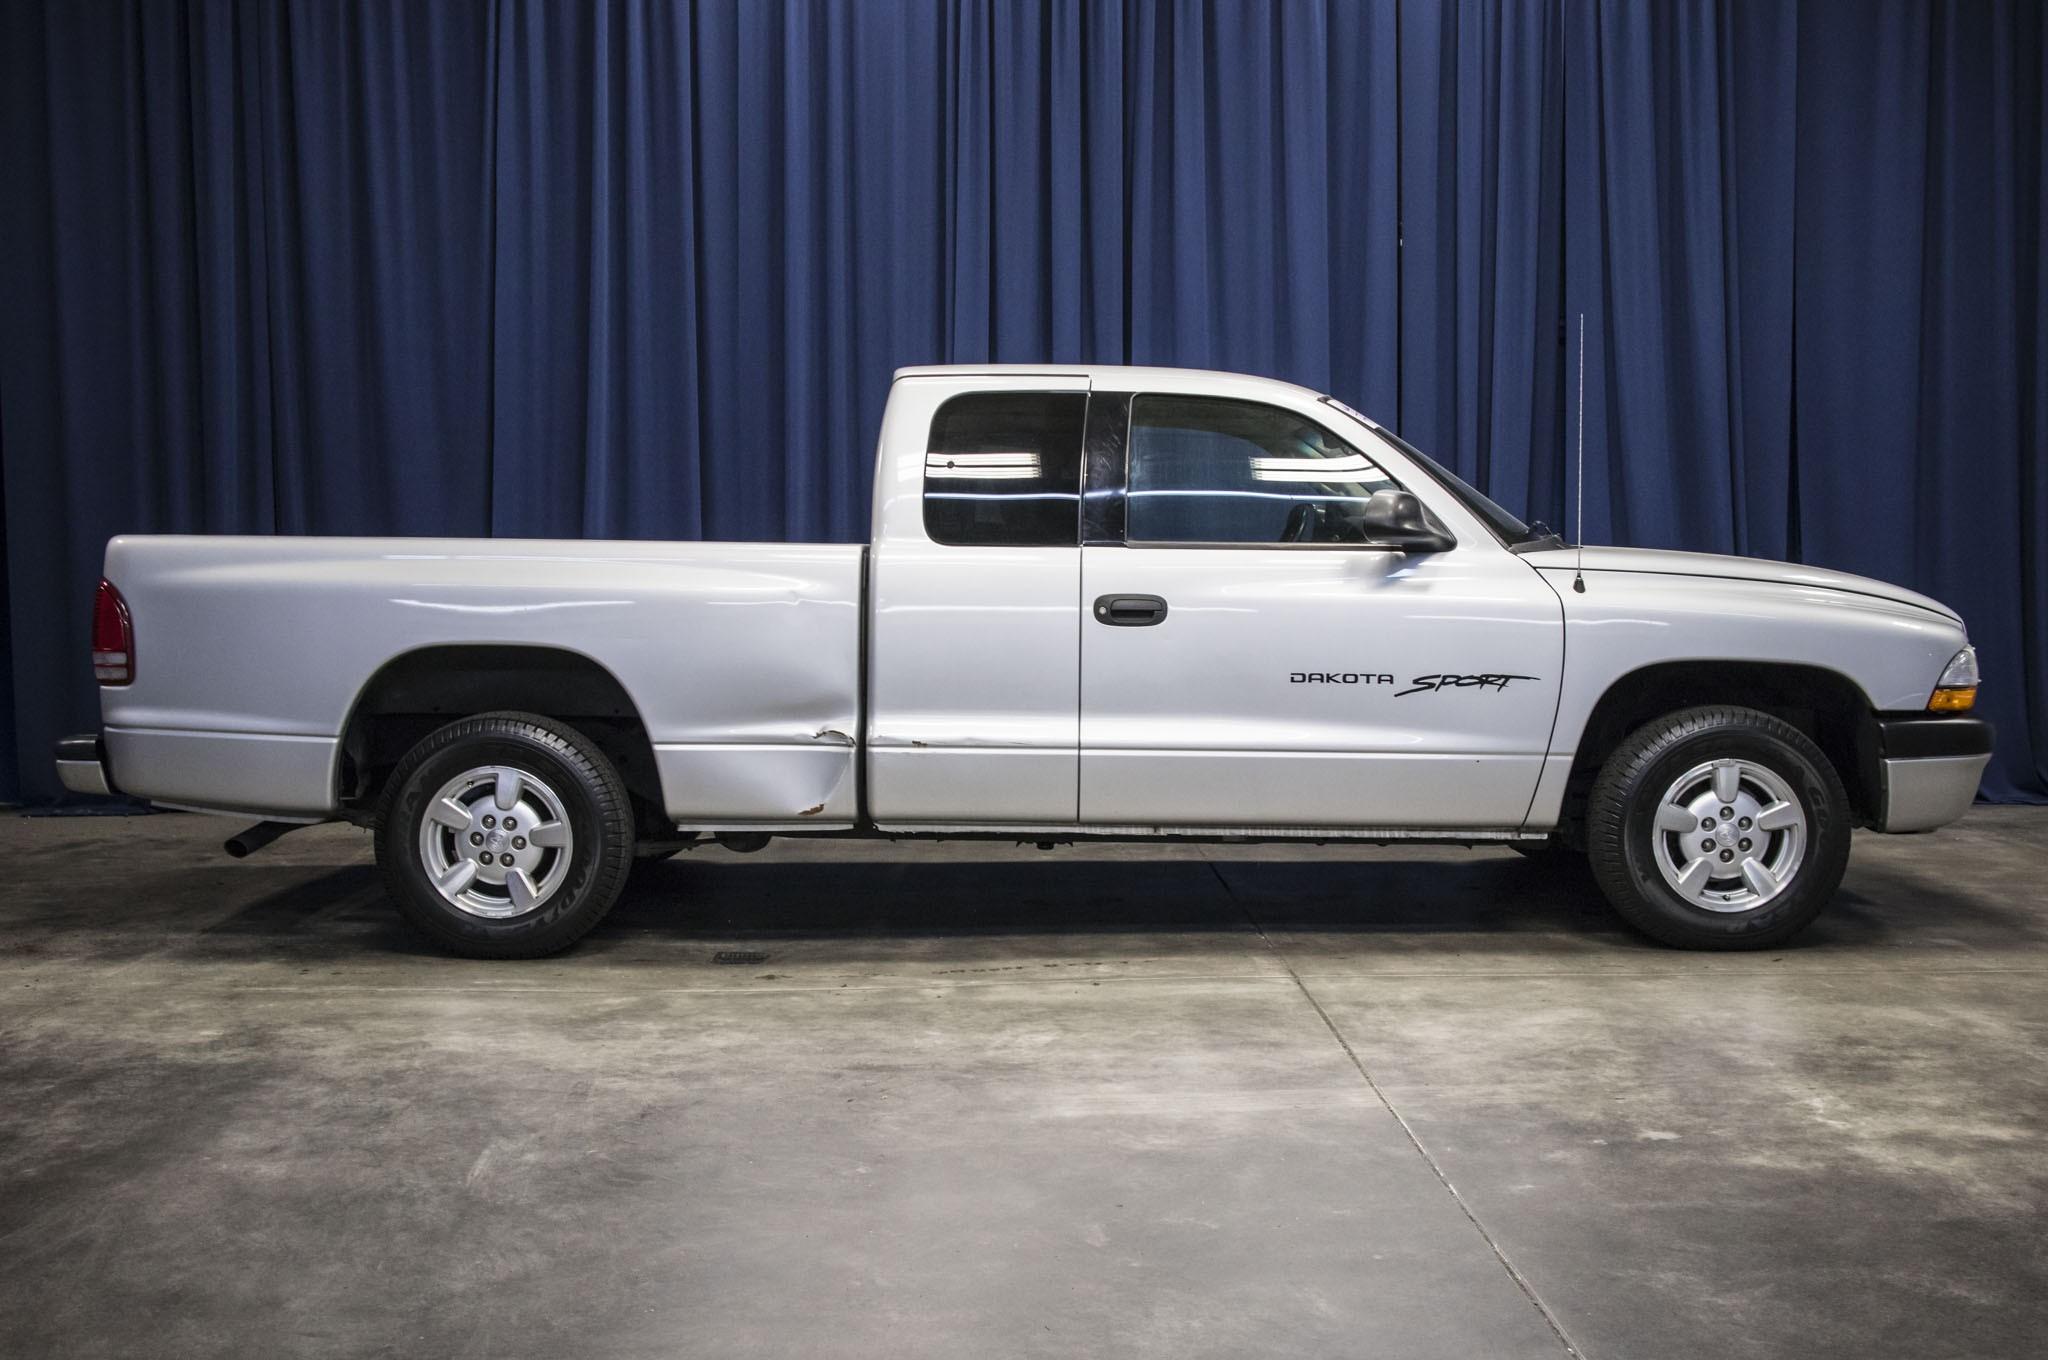 used 2001 dodge dakota sport rwd truck for sale 38220b. Black Bedroom Furniture Sets. Home Design Ideas